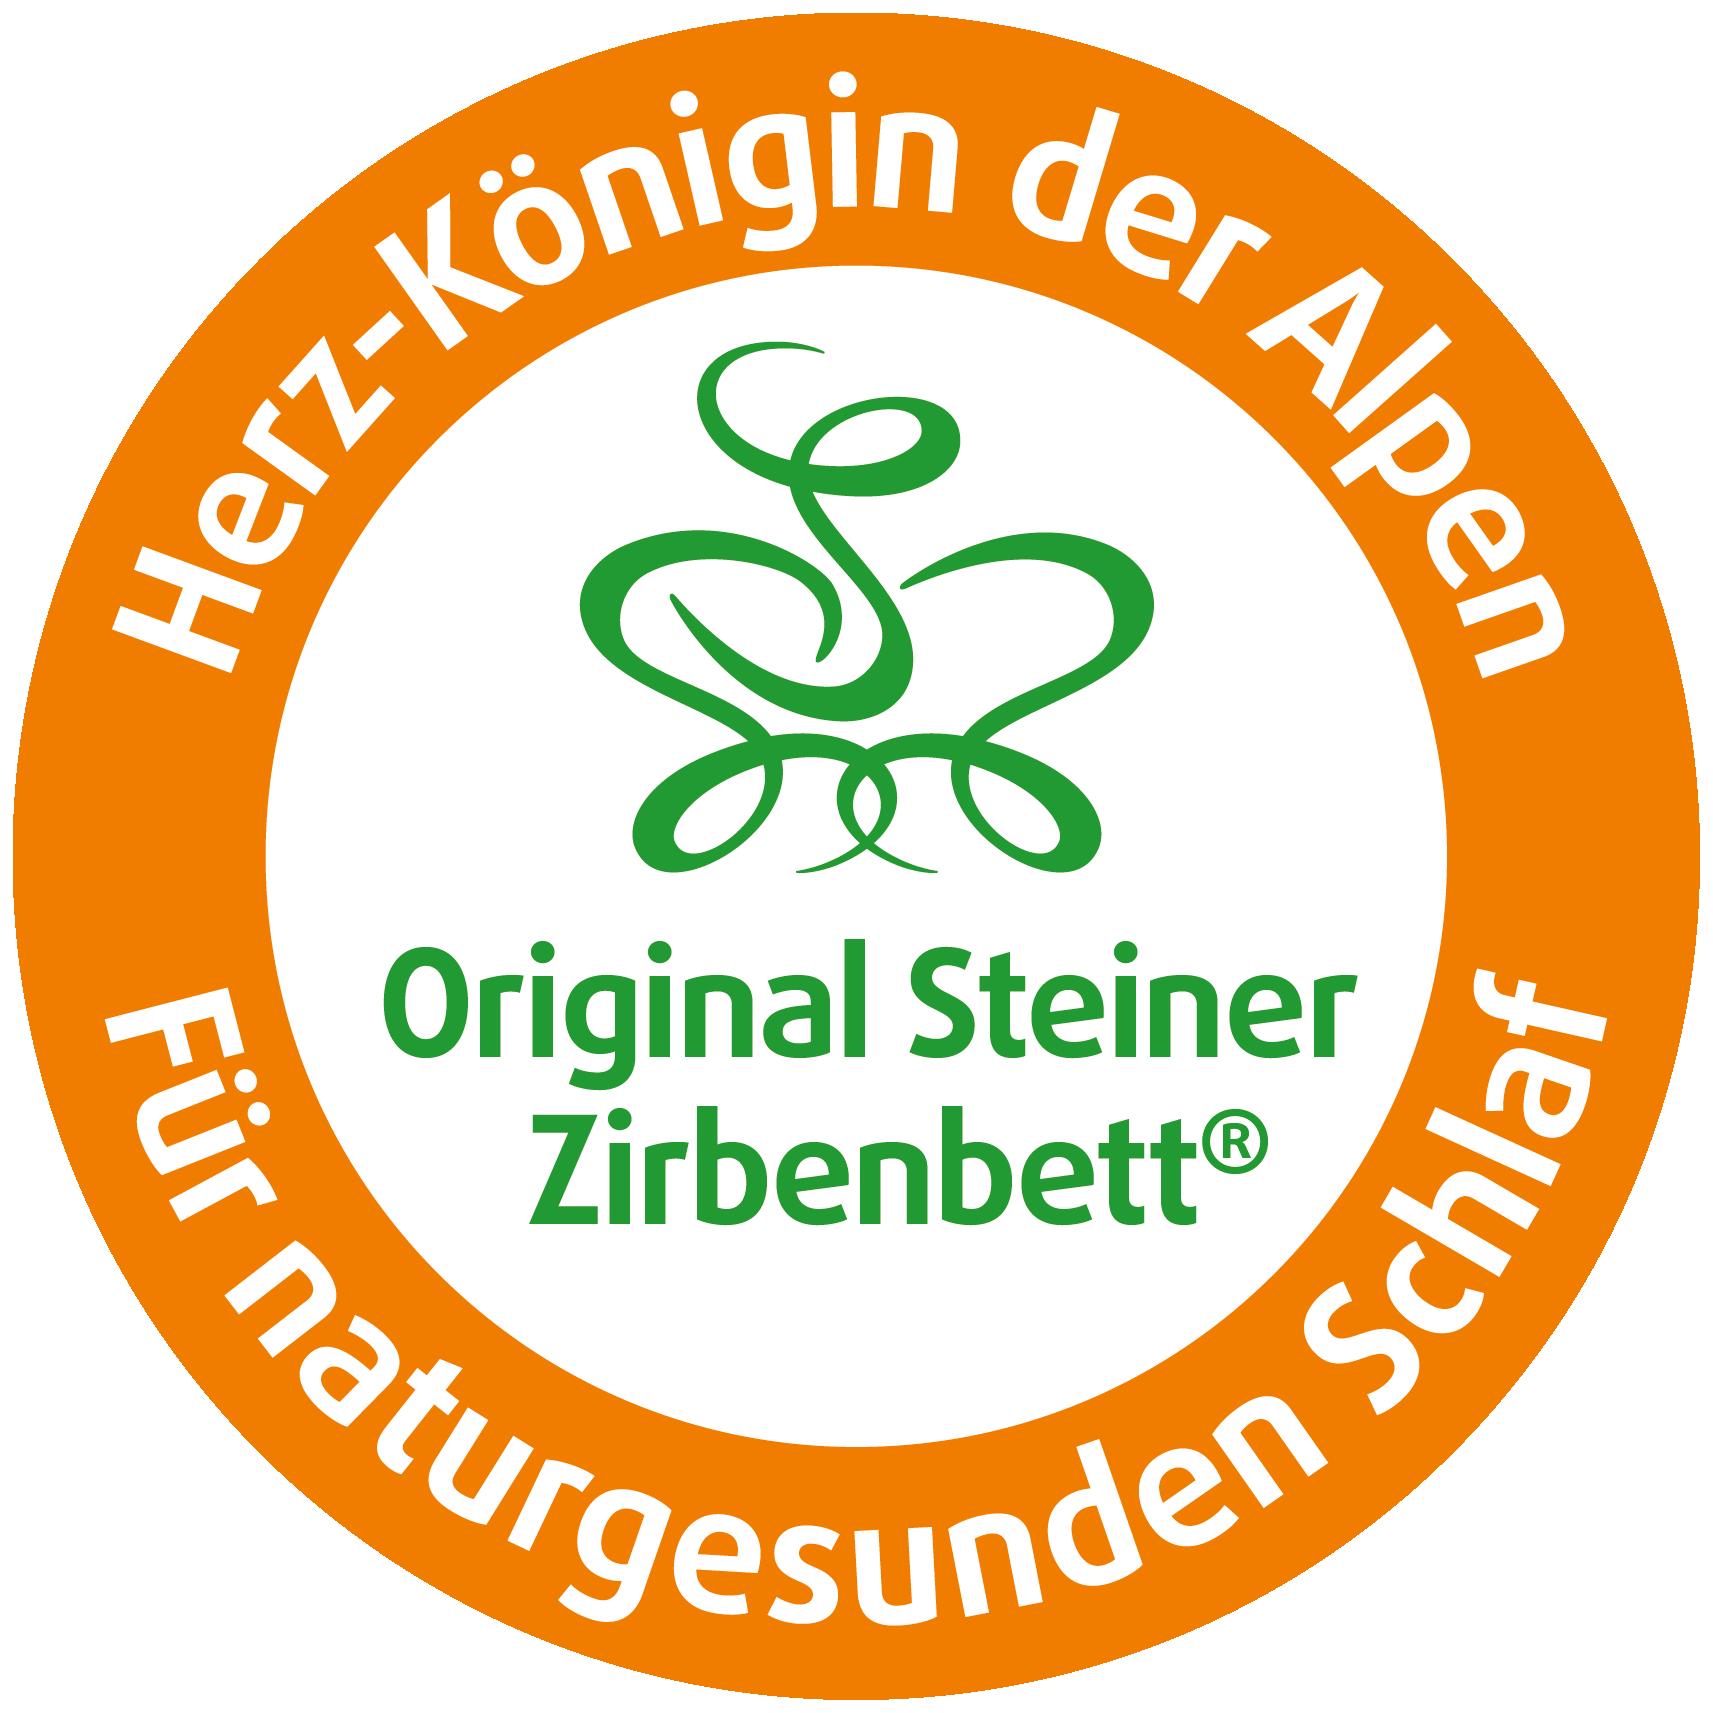 Siegel Original Steiner Zirbenbett - Herz-Königin der Alpen - für naturgesunden Schlaf